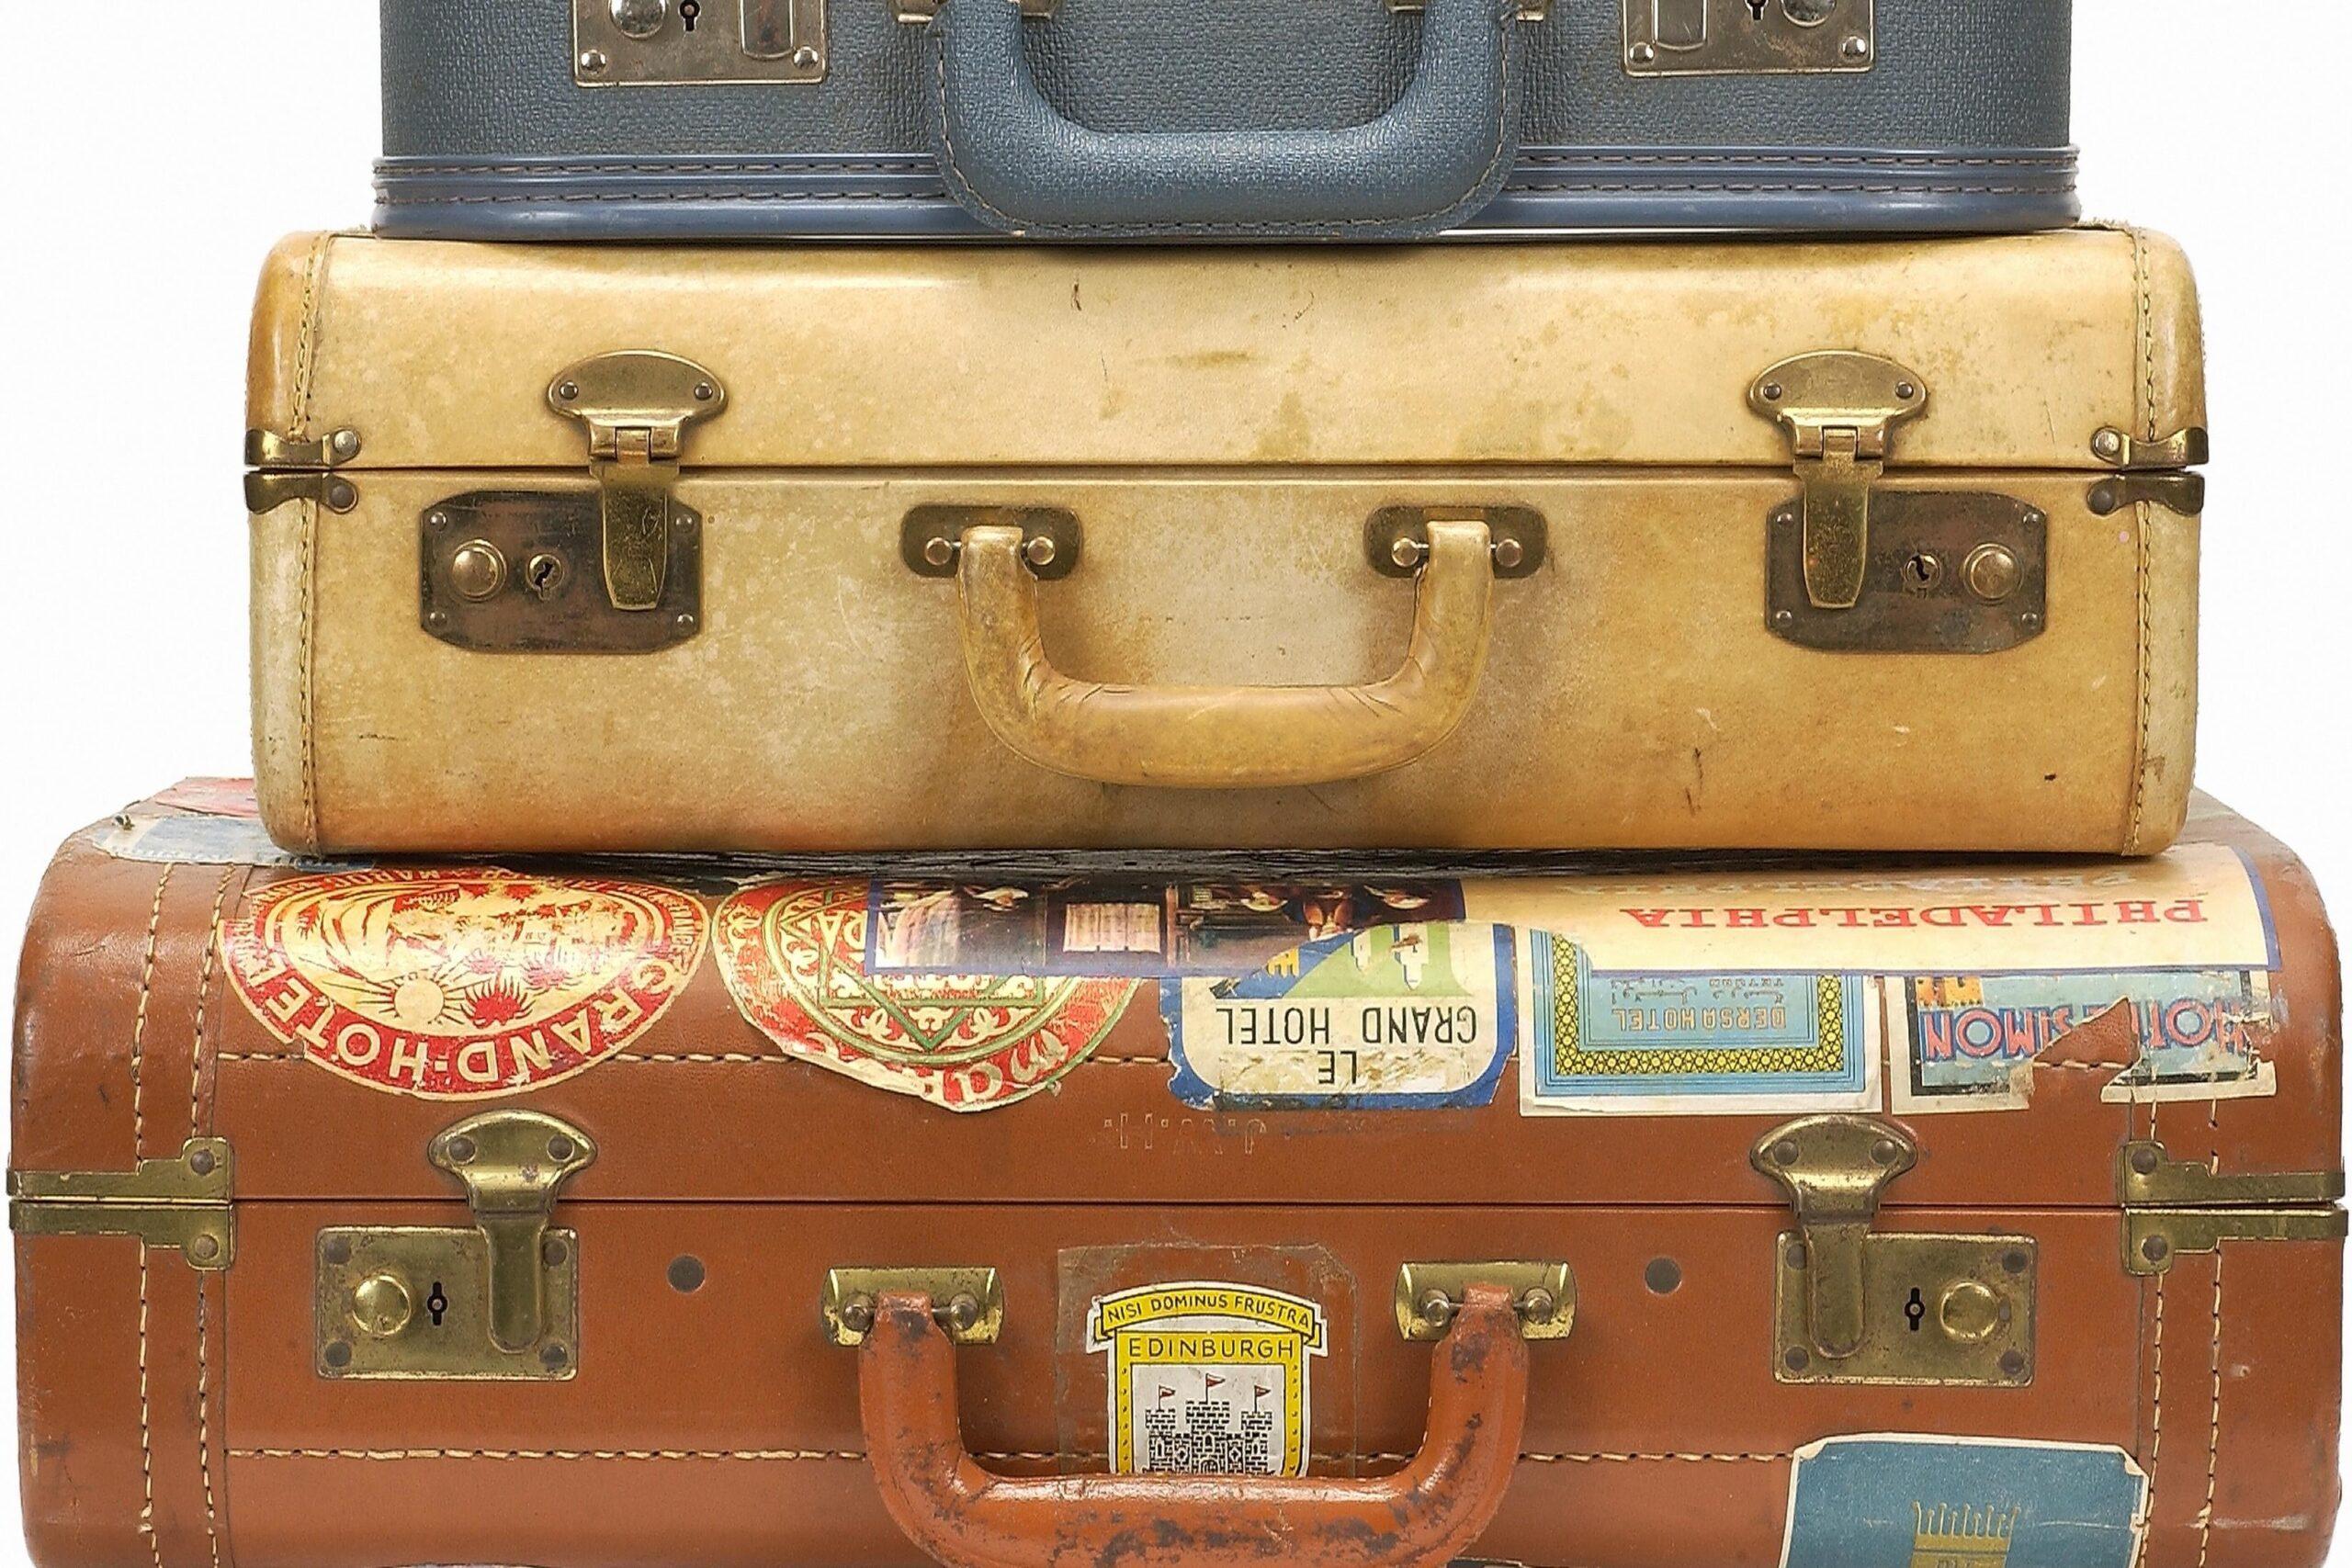 Bagaglio a mano: preferisci zaino, borsa o trolley?